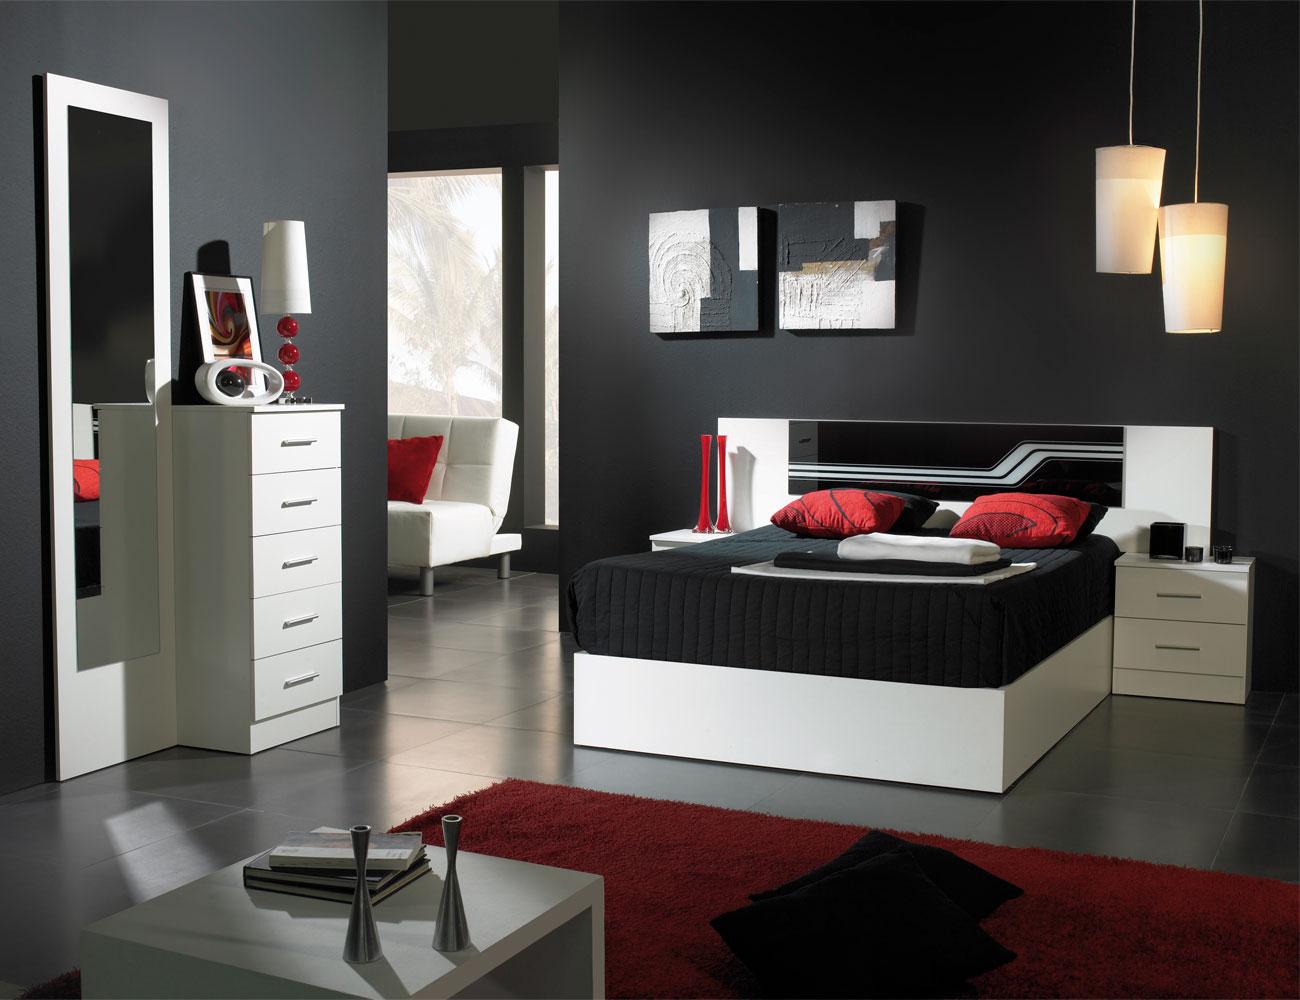 Dormitorio matrimonio estilo moderno buda blanco negro1